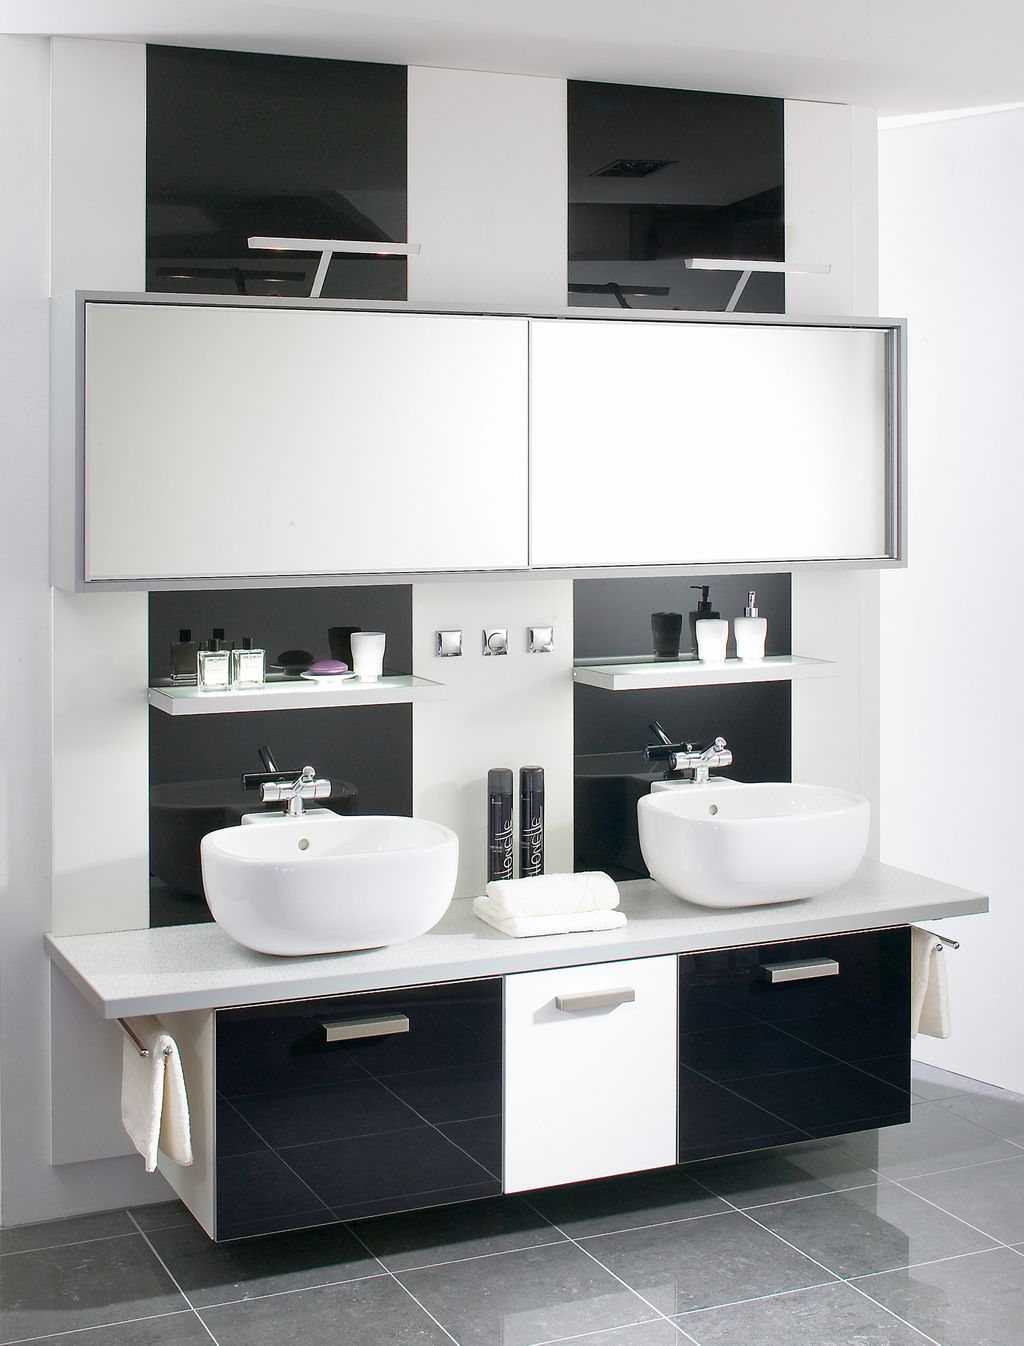 Doppelbad mit Aufsatzwaschbecken